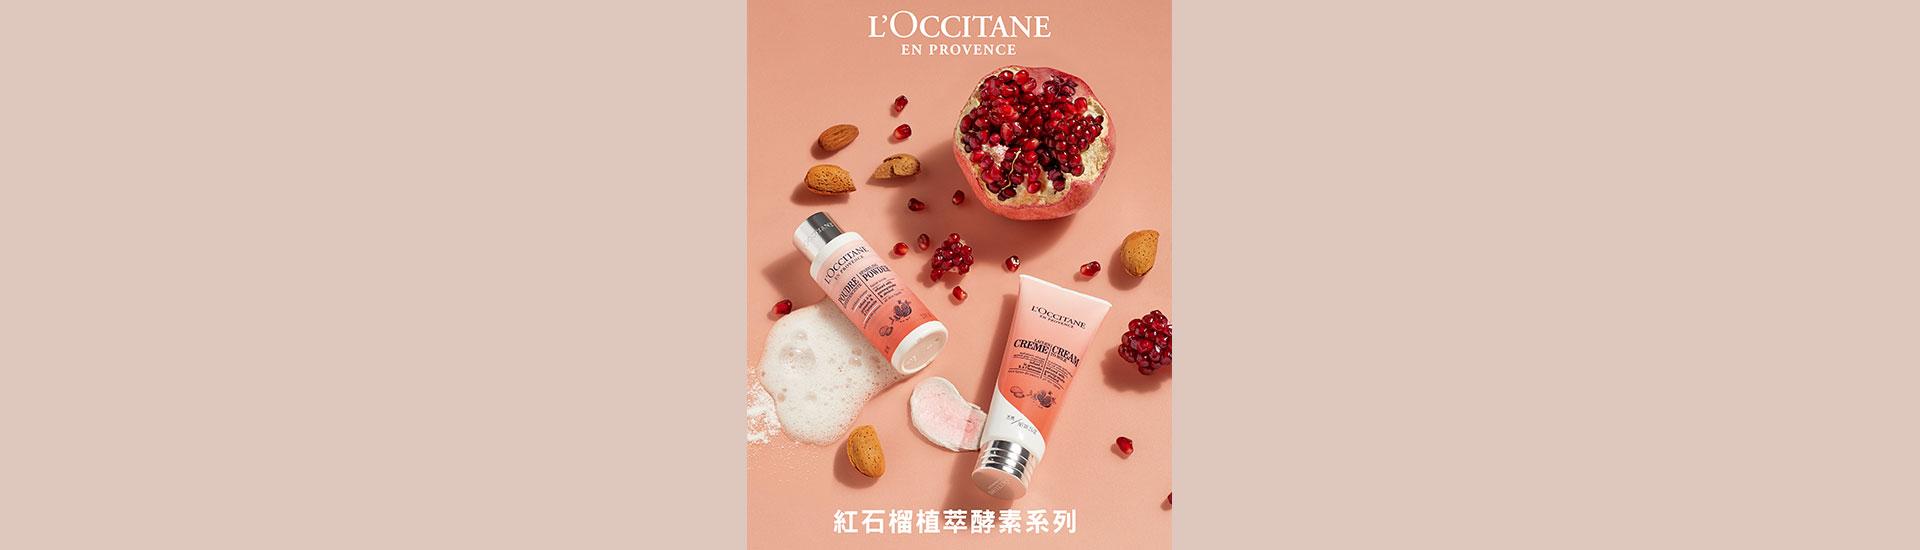 復興館B1 L'OCCITANE 紅石榴植萃酵素柔膚潔顏粉 新品登場